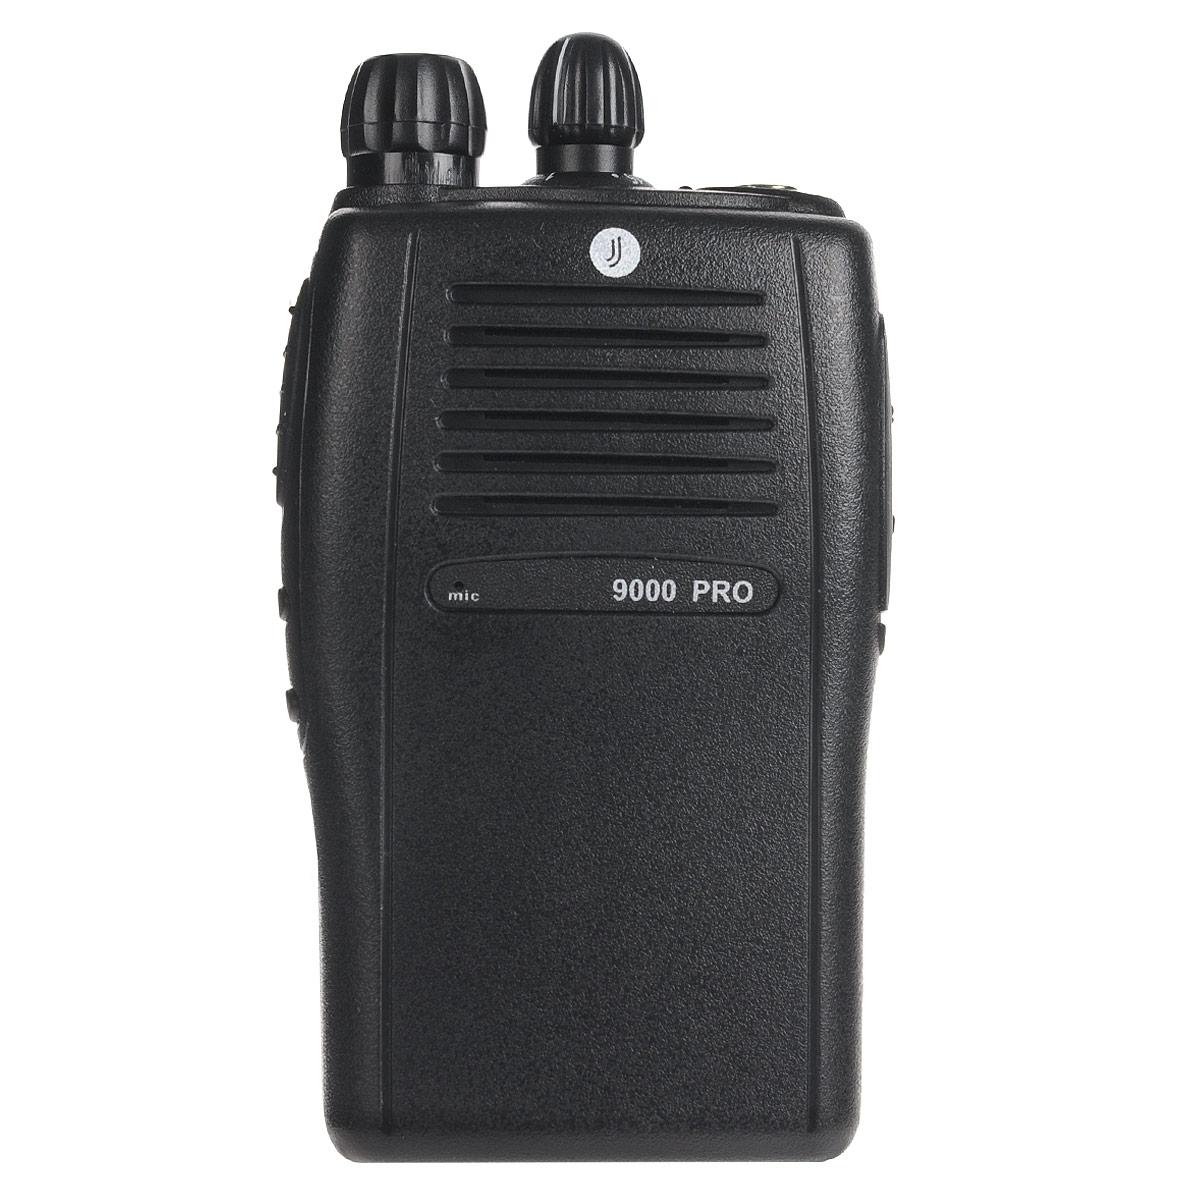 Радиостанция JJ-Connect 9000 PROTLKR-T80EXTJJ-Connect 9000 PRO проста в эксплуатации и отлично подойдет для сотрудников охранных агентств или для использования на строительном объекте, Вы всегда можете рассчитывать на высокое качество связи и надежность. Радиостанция JJ-Connect 9000 PRO относится к универсальному классу - она может работать как в LPD, так и в PMR диапазоне.Рация имеет 16 программируемых каналов. Обладает прочным и долговечным корпусом. Радиостанция поддерживает функцию VOX (управляемое голосом начало трансляции) и отлично работает вместе с гарнитурами hands-free. Также Вы можете выбирать между режимами высокой/низкой мощности и осуществлять сканирование/мониторинг с отсечкой загруженных каналов.Переключаемые режимы уровня мощности;Сканирование/мониторинг каналов;16 программируемых каналов памяти;Функция VOX;Поддержка гарнитур hands-free;Прочный водозащищенный корпус.